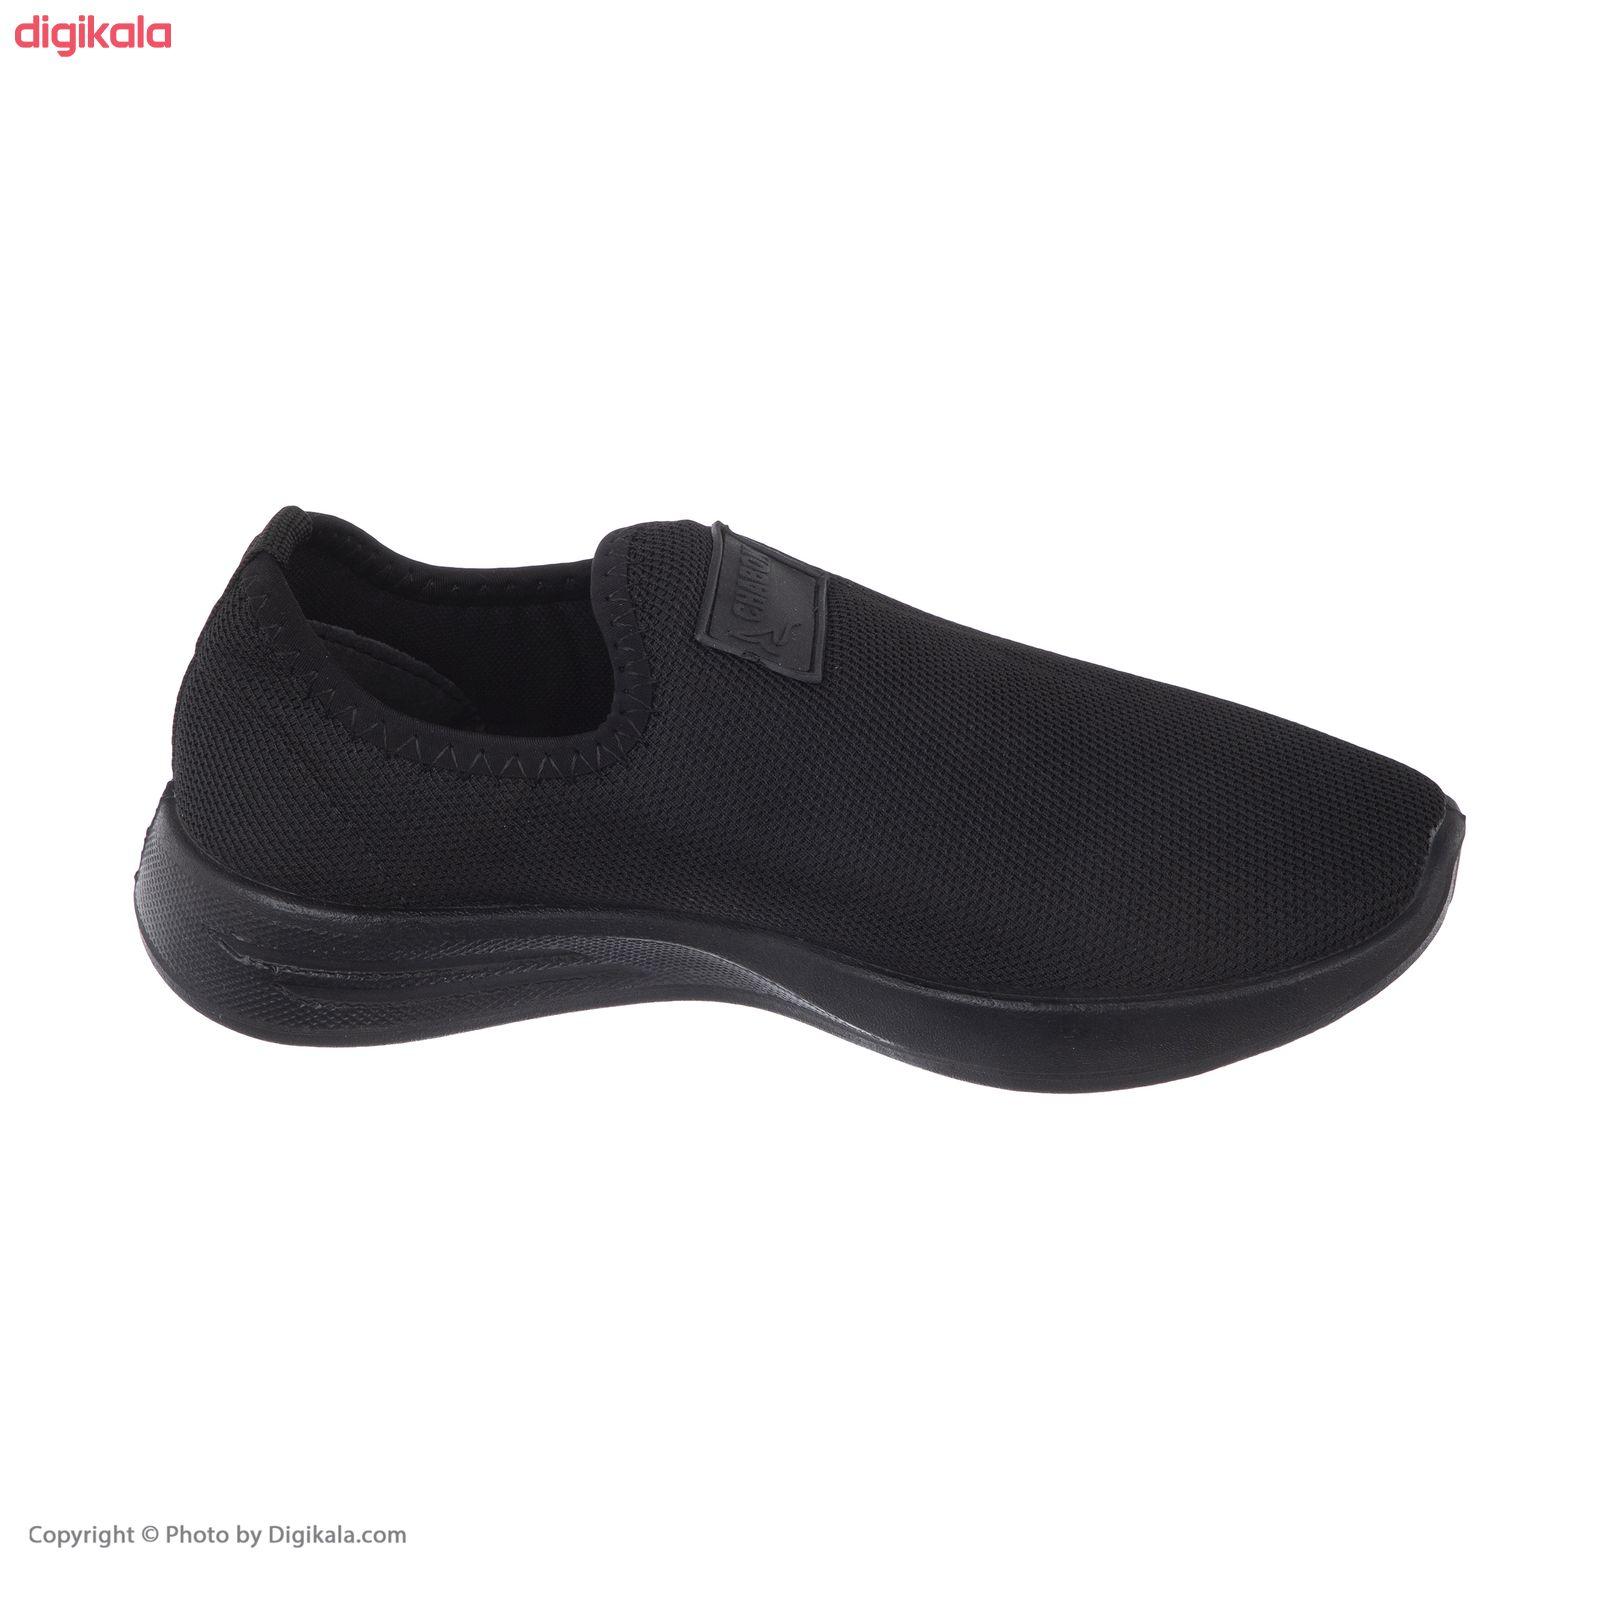 کفش راحتی چابک مدل رامش رنگ مشکی main 1 3